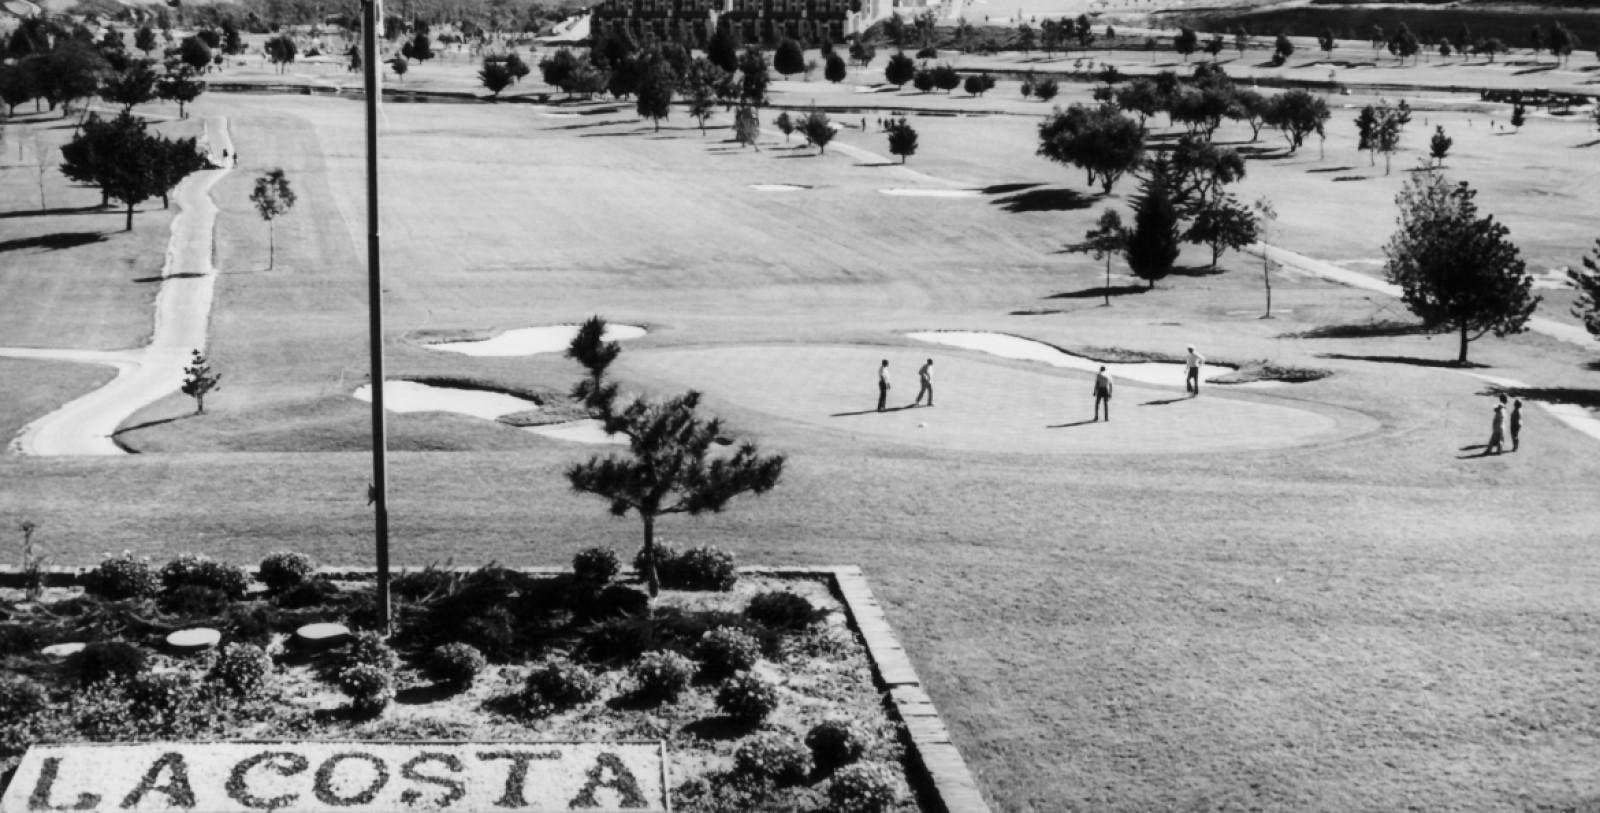 Historic Image of the Golf Course at Omni La Costa Resort & Spa